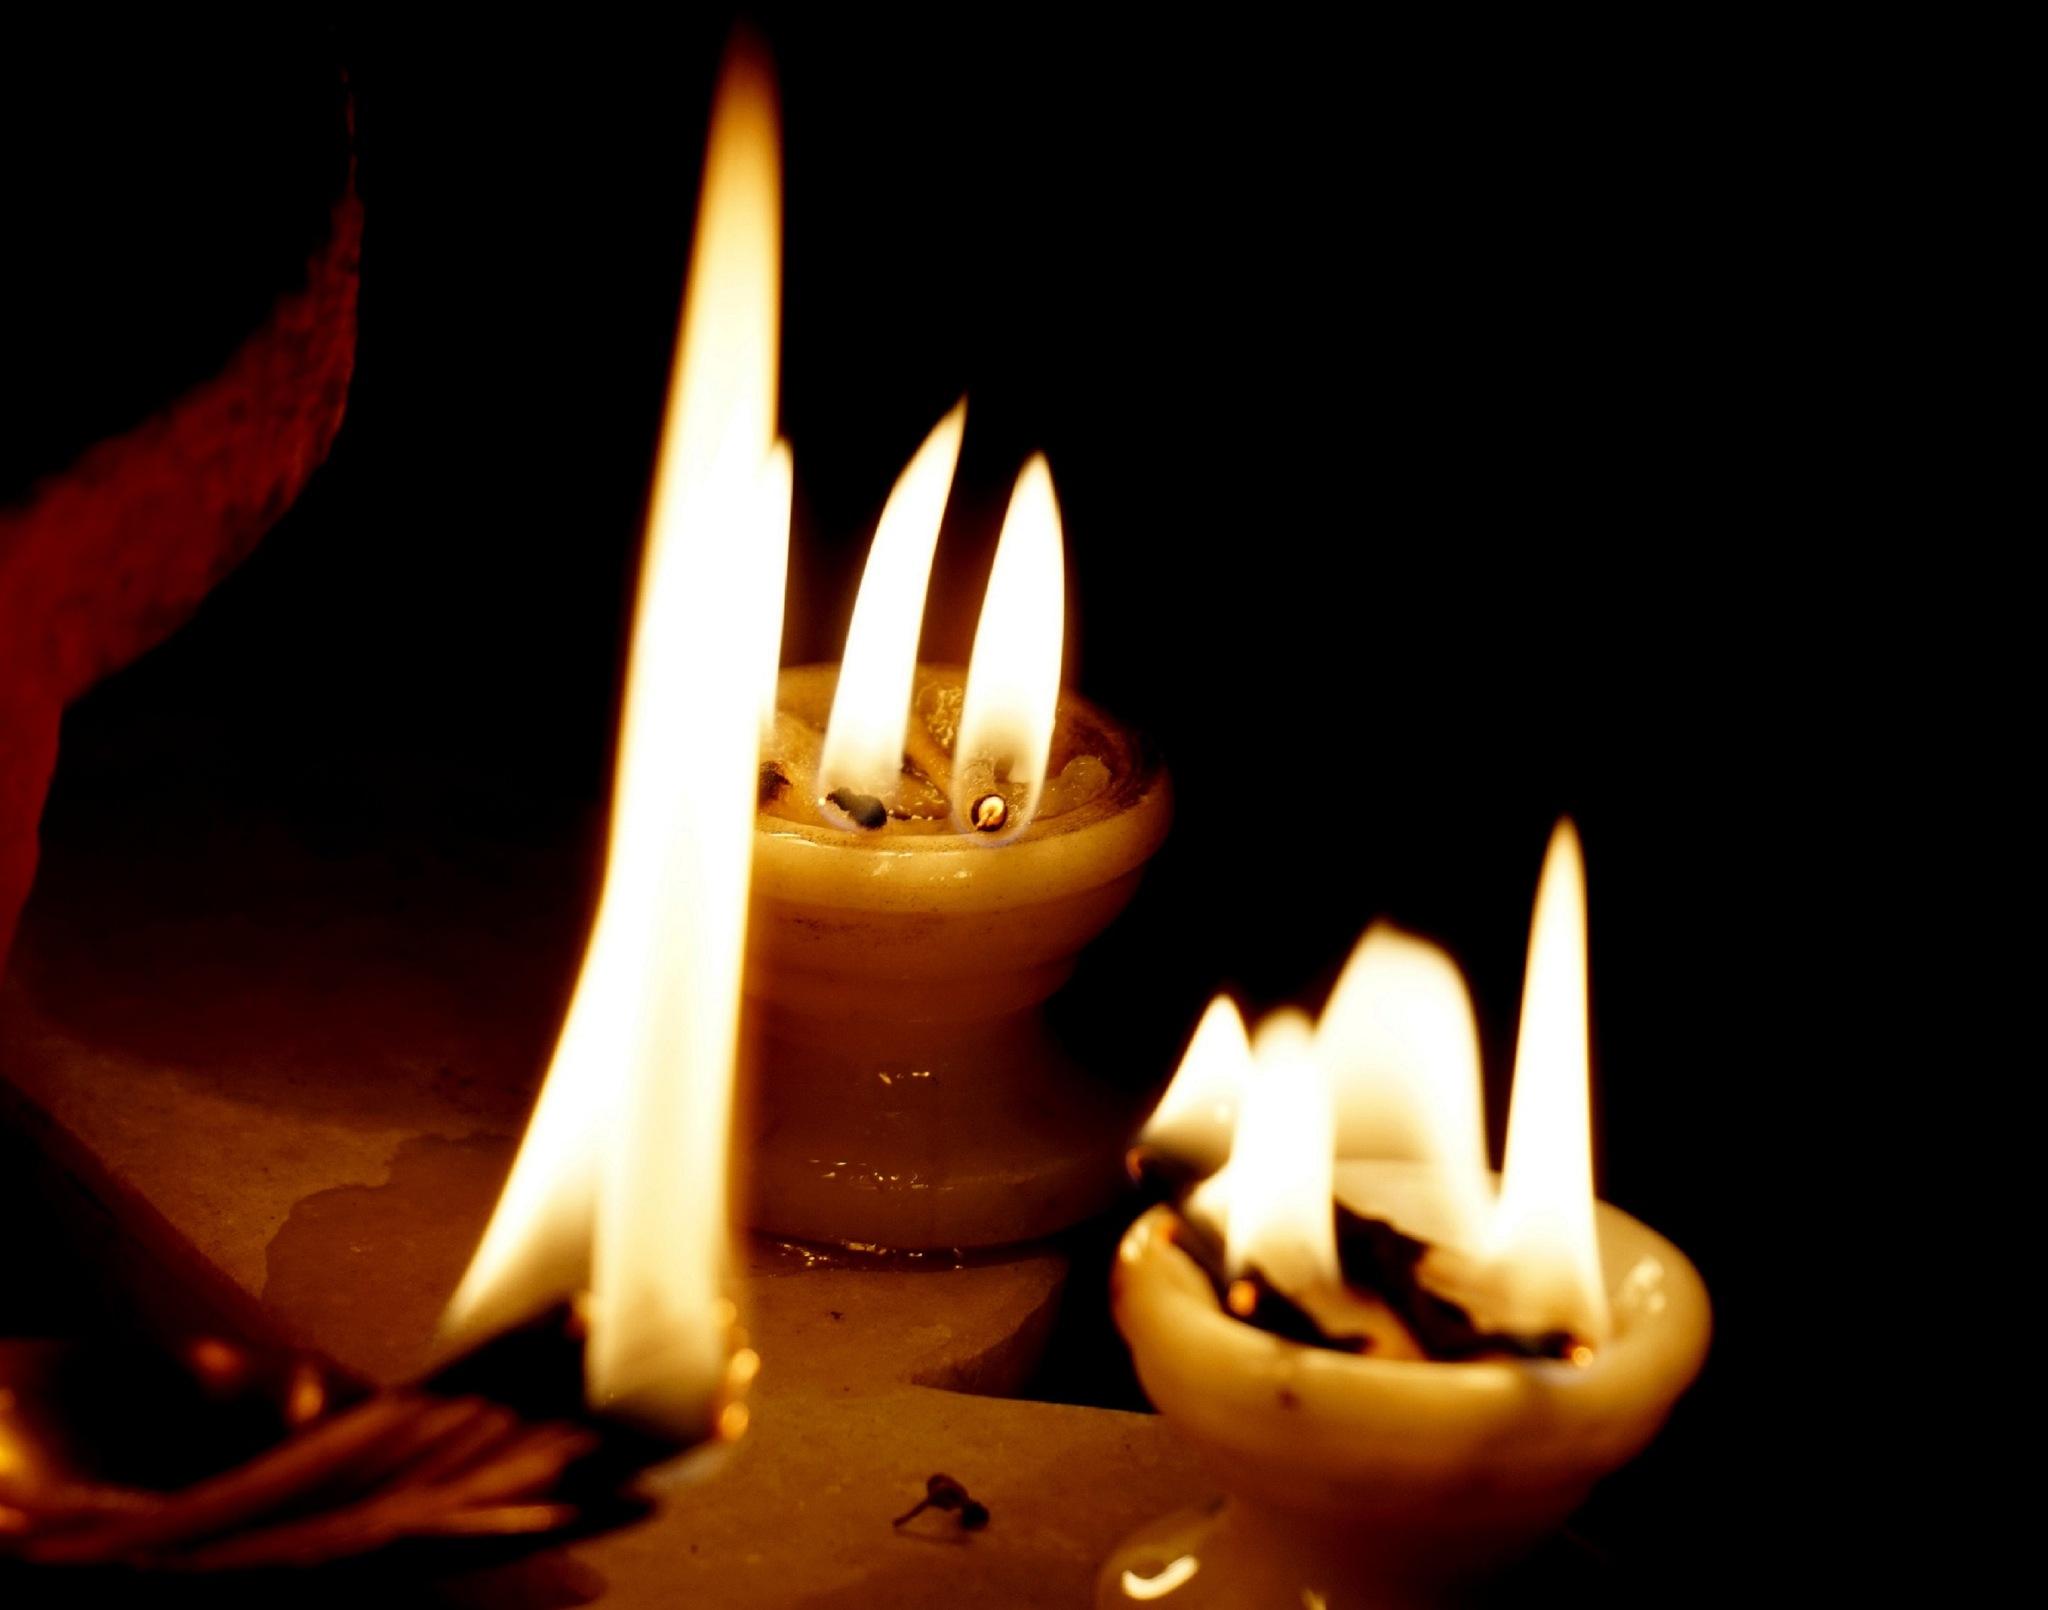 Trying to illuminate world of Darkness by Suresh Tewari